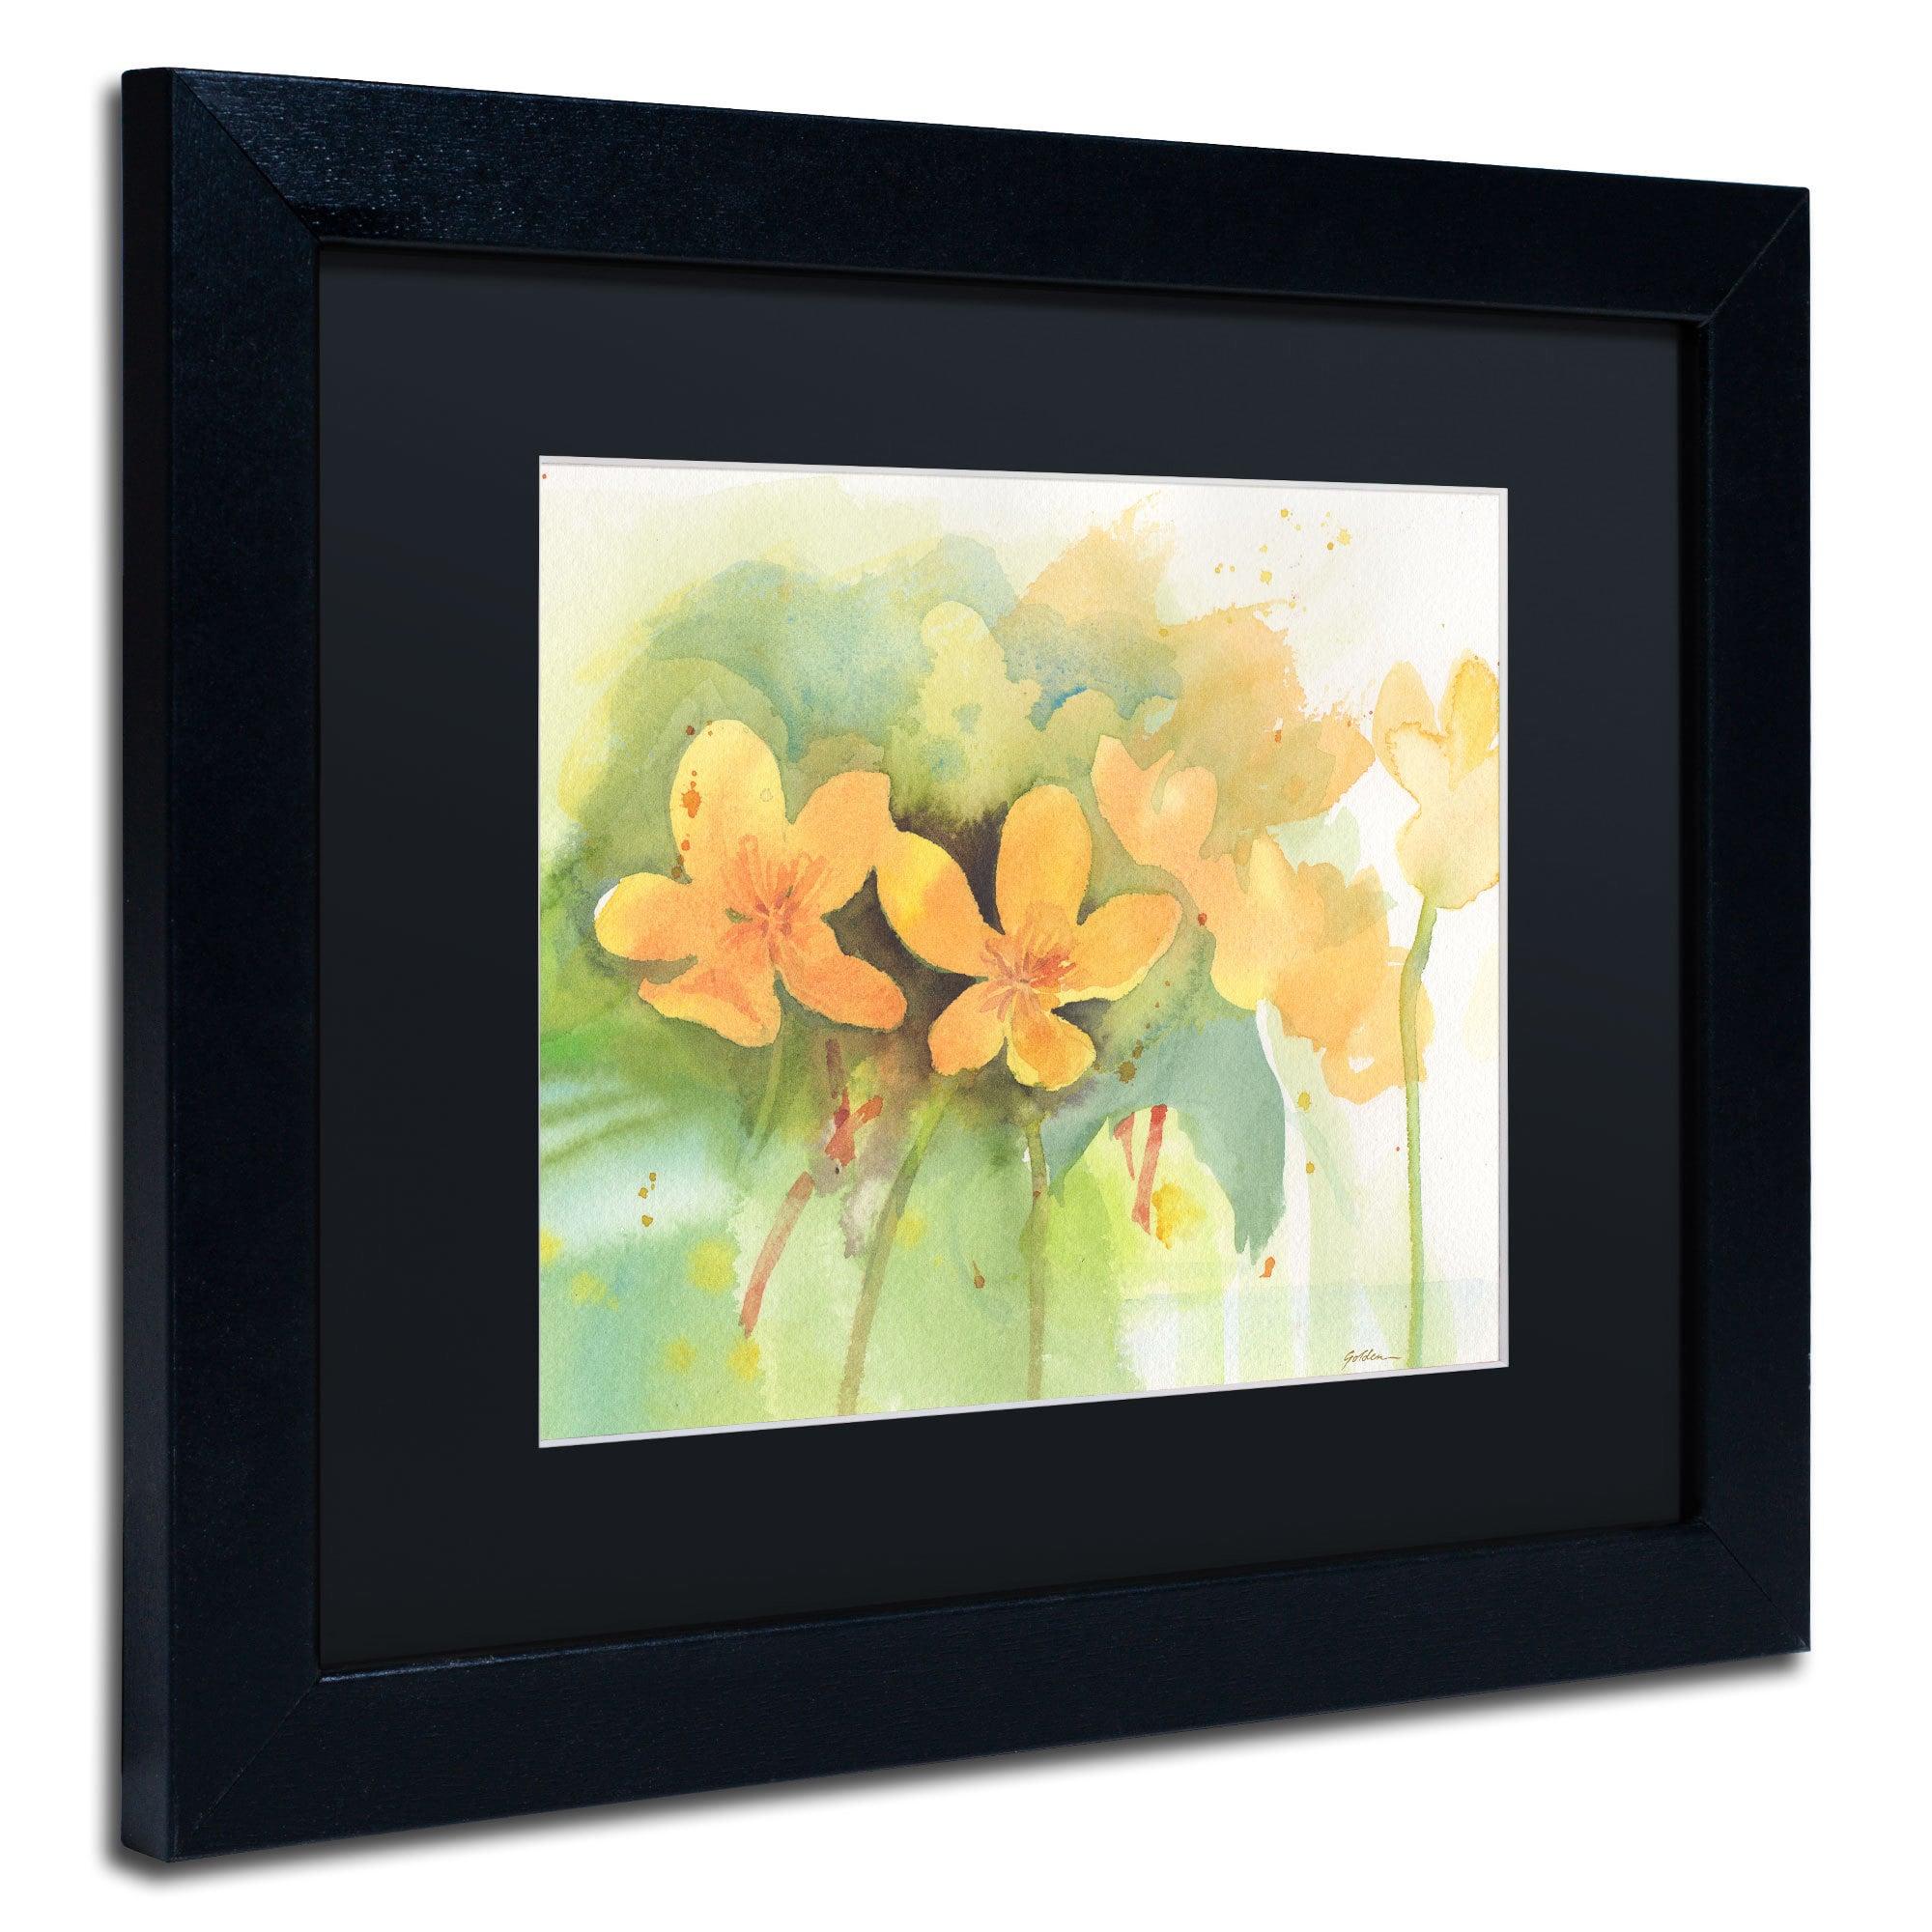 Sheila Golden \'Marigold Moment\' Framed Canvas Wall Art - Free ...